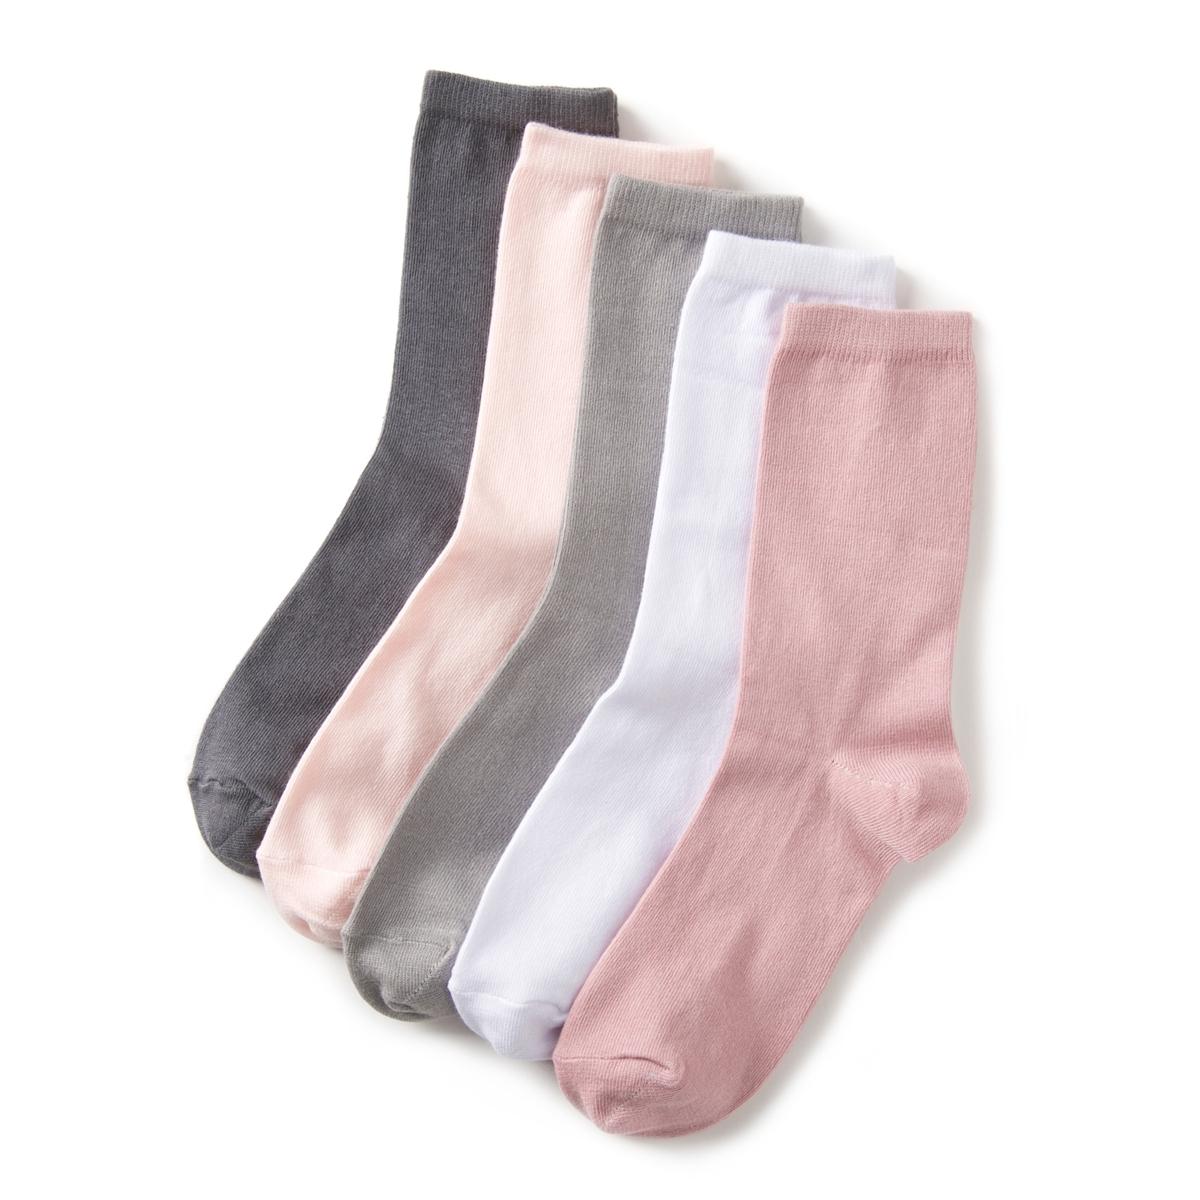 Комплект из 5 пар однотонных носков комплект из 5 пар коротких носков из хлопка